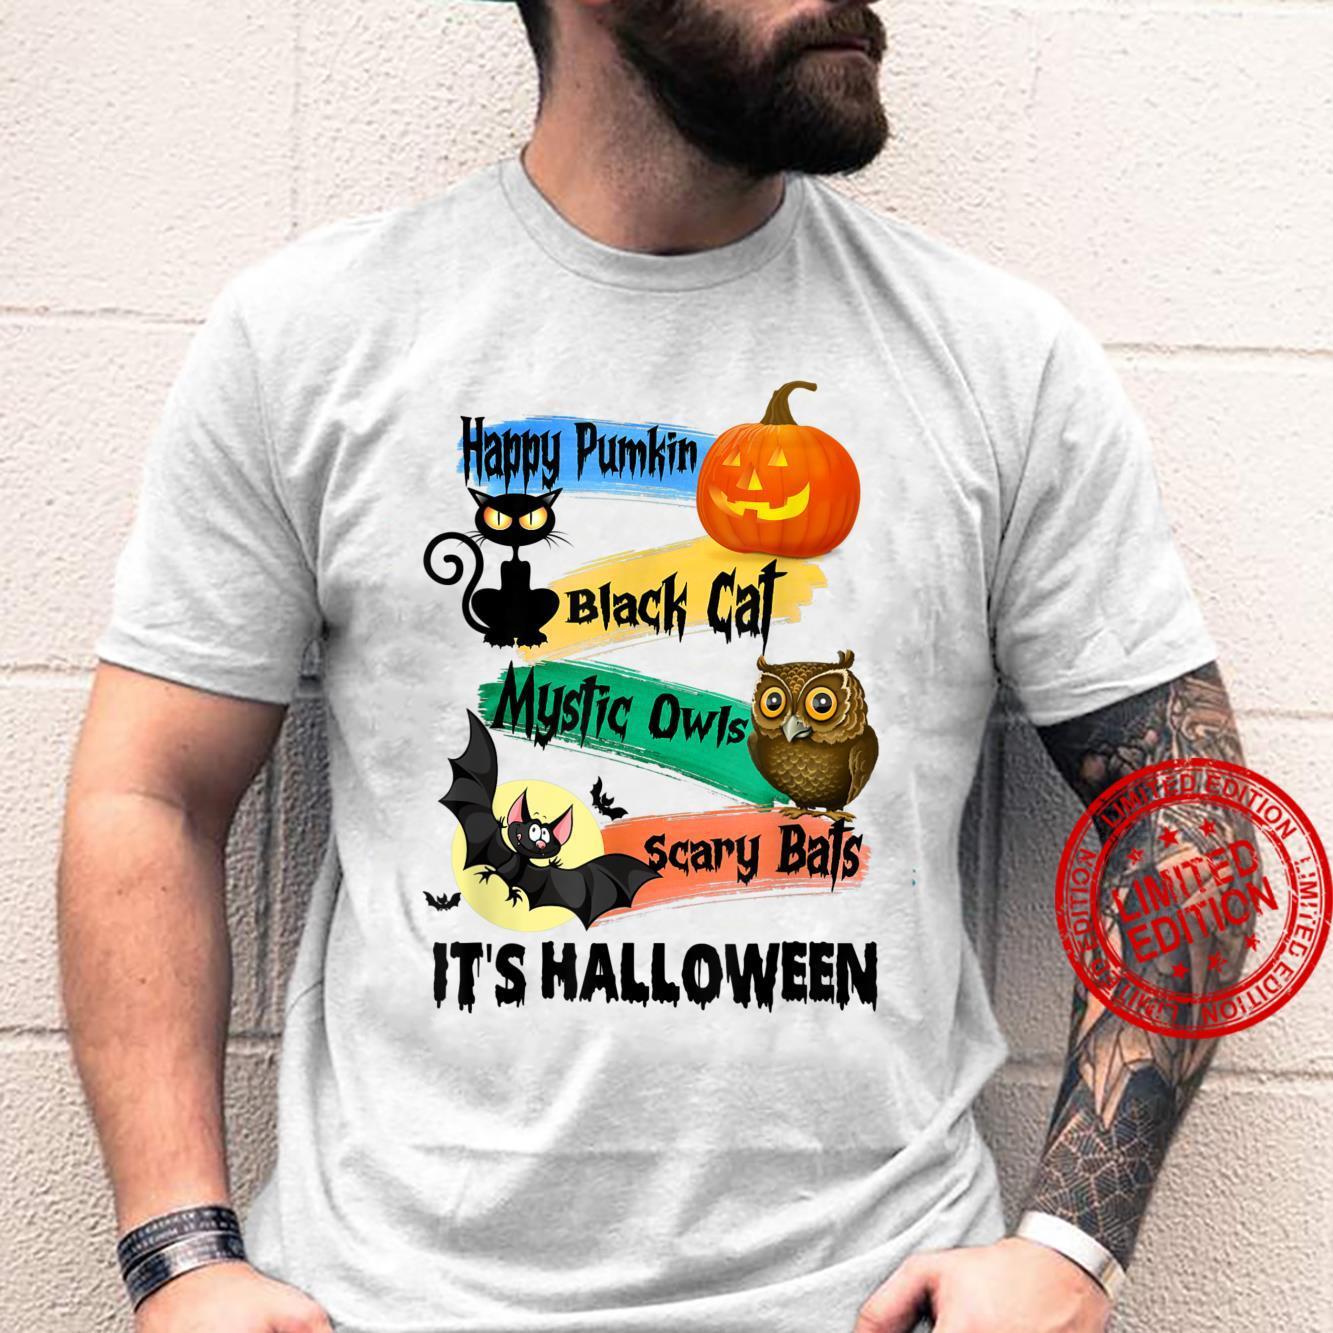 Pumpkins Black Cats Mystic Owls Scary Bats It's Halloween Shirt